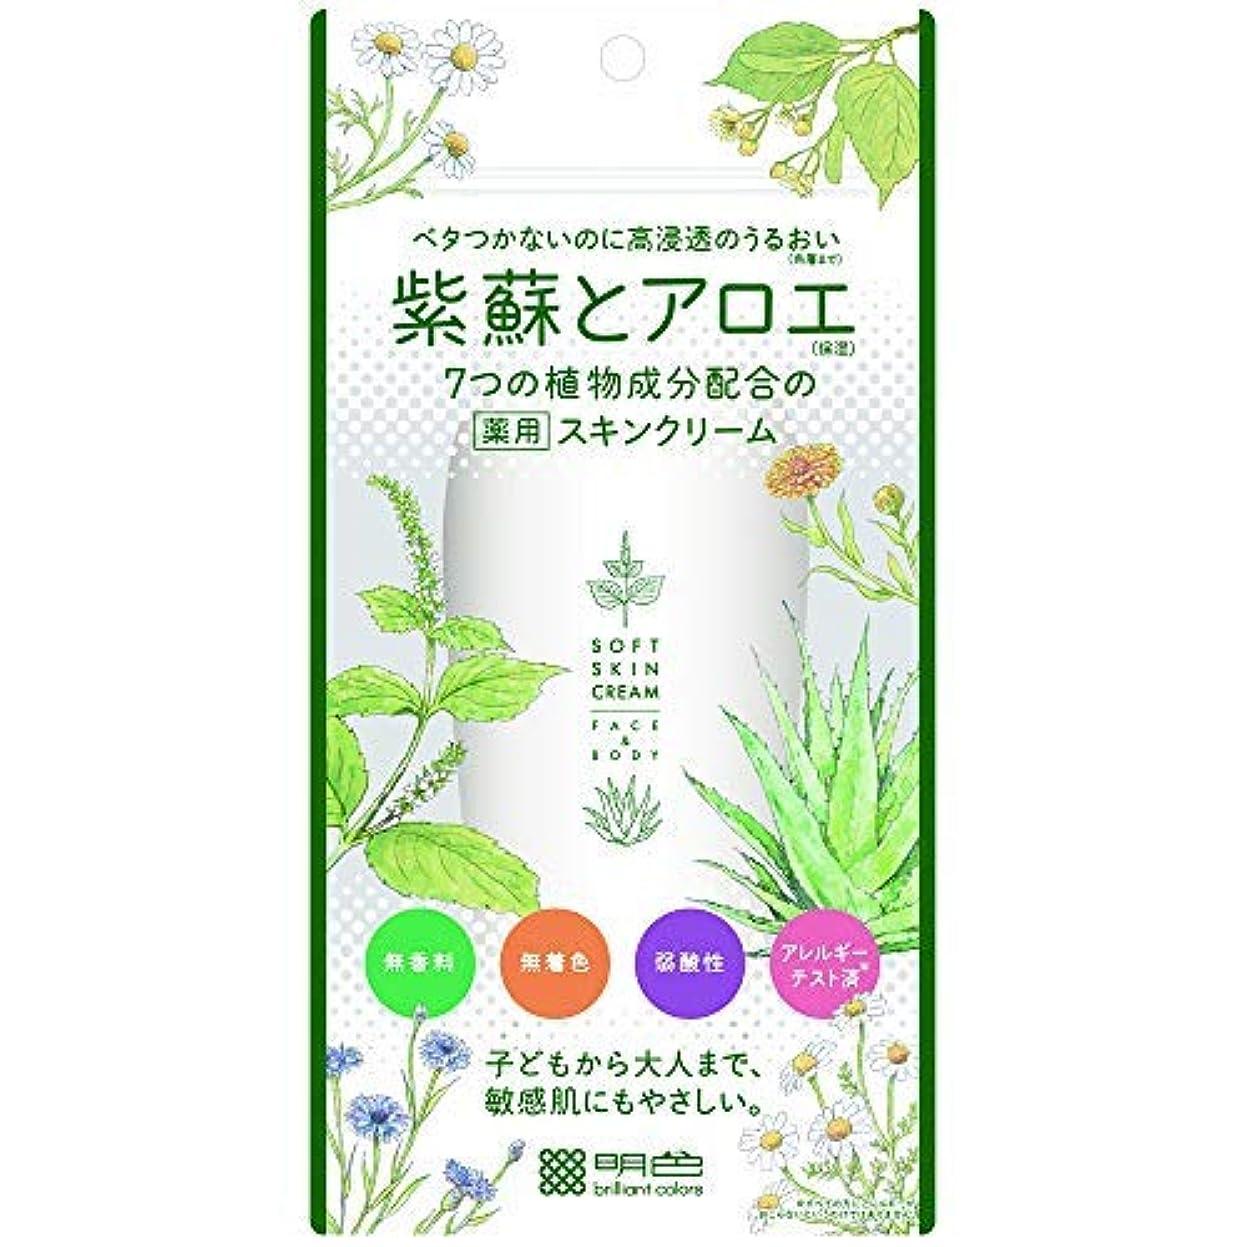 コンパクトセラフ優先紫蘇とアロエ 薬用スキンクリーム × 12個セット